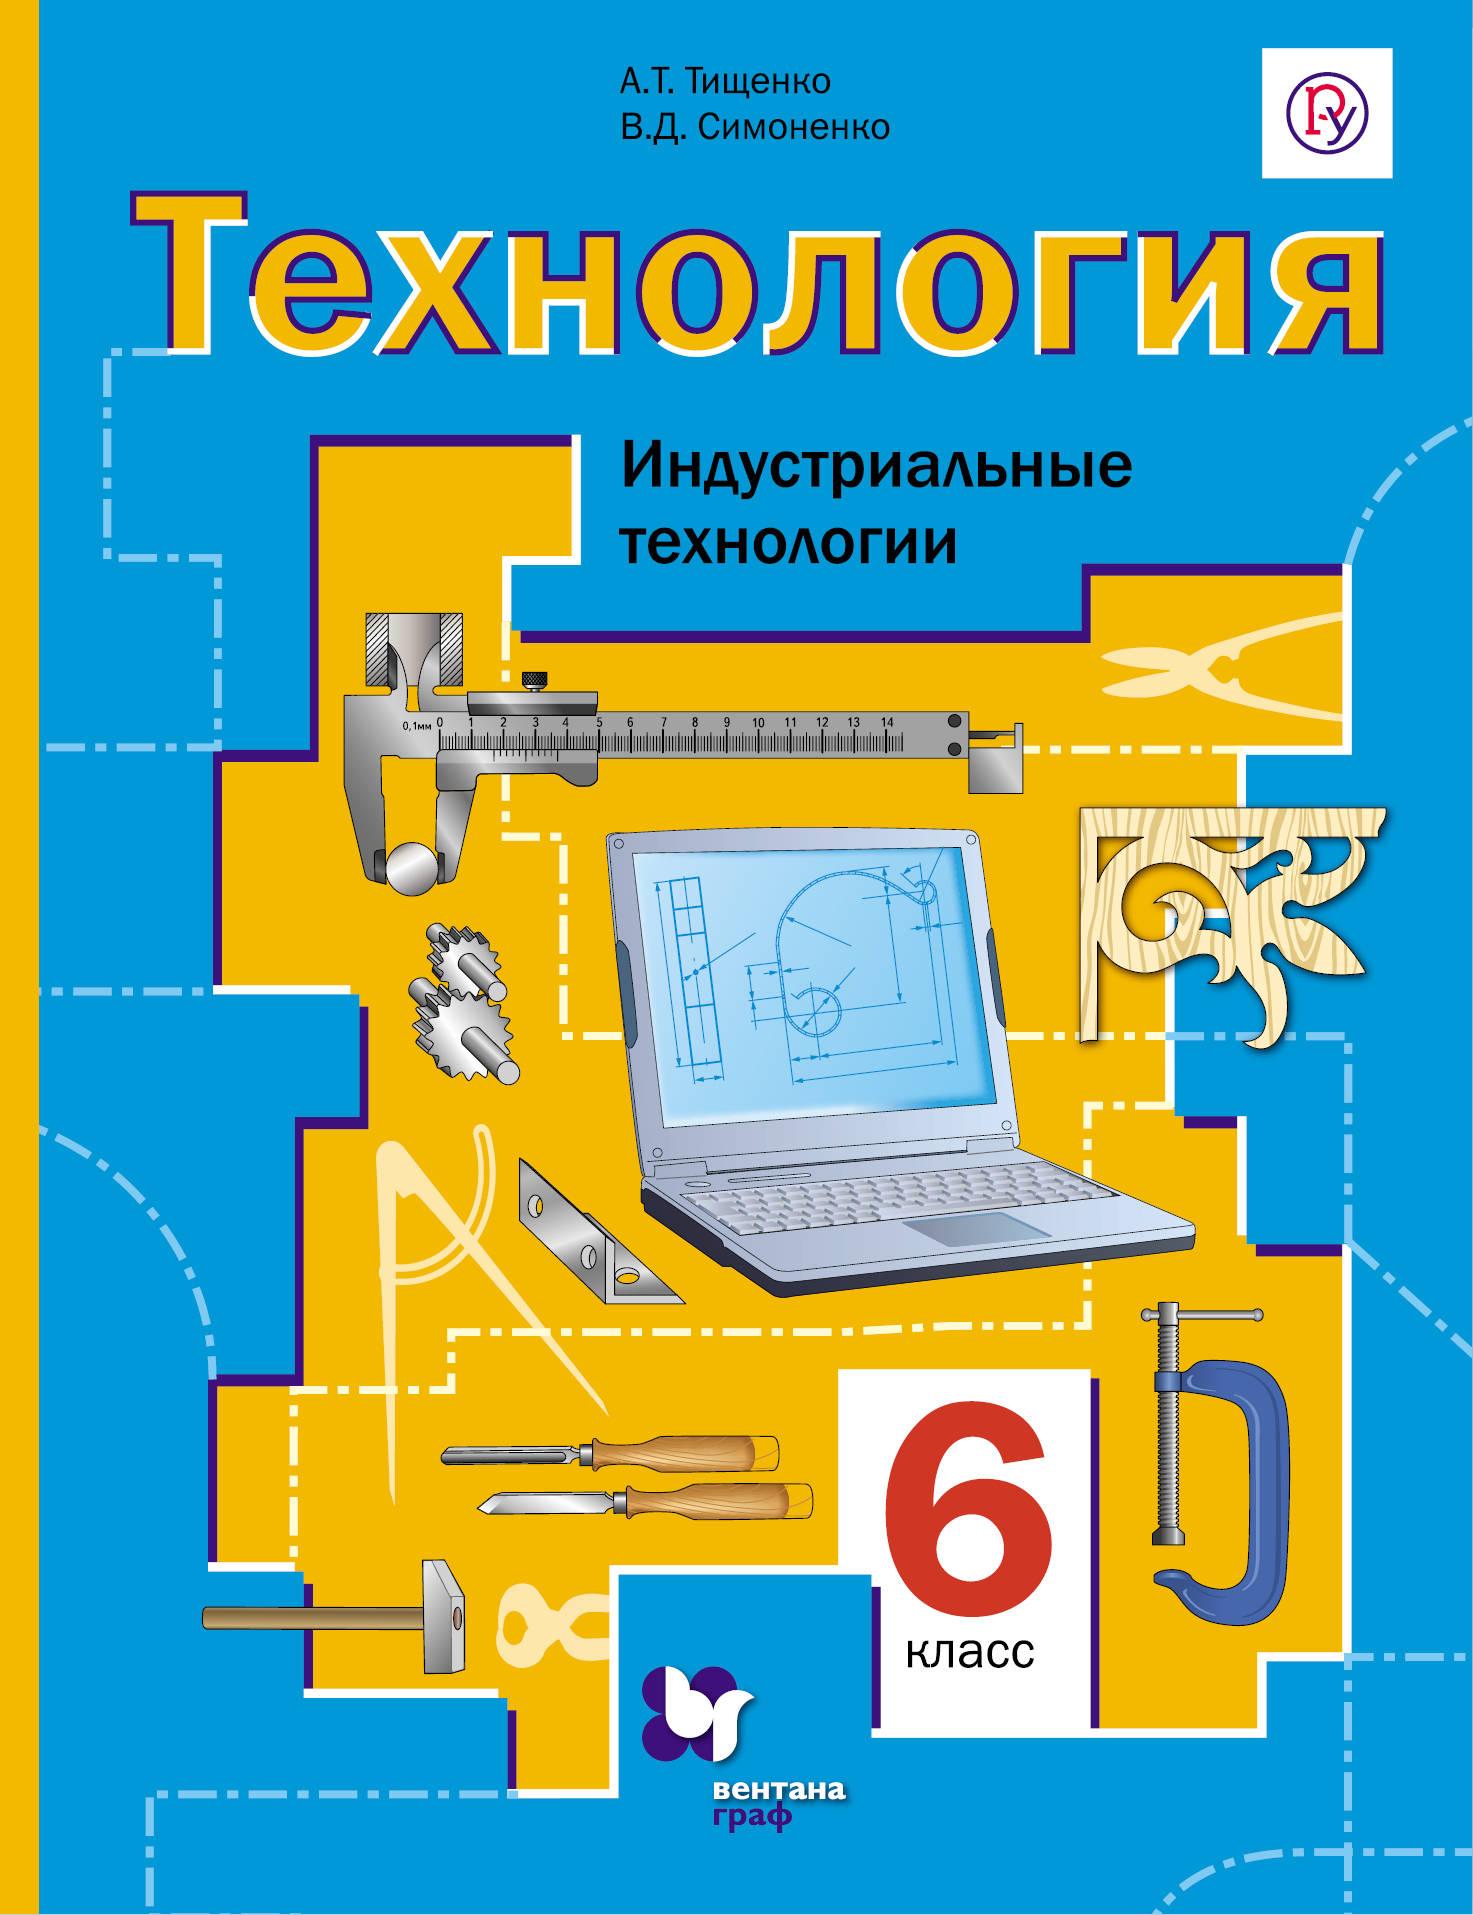 Учебник технологии 6 класс симоненко самородский тищенко скачать бесплатно